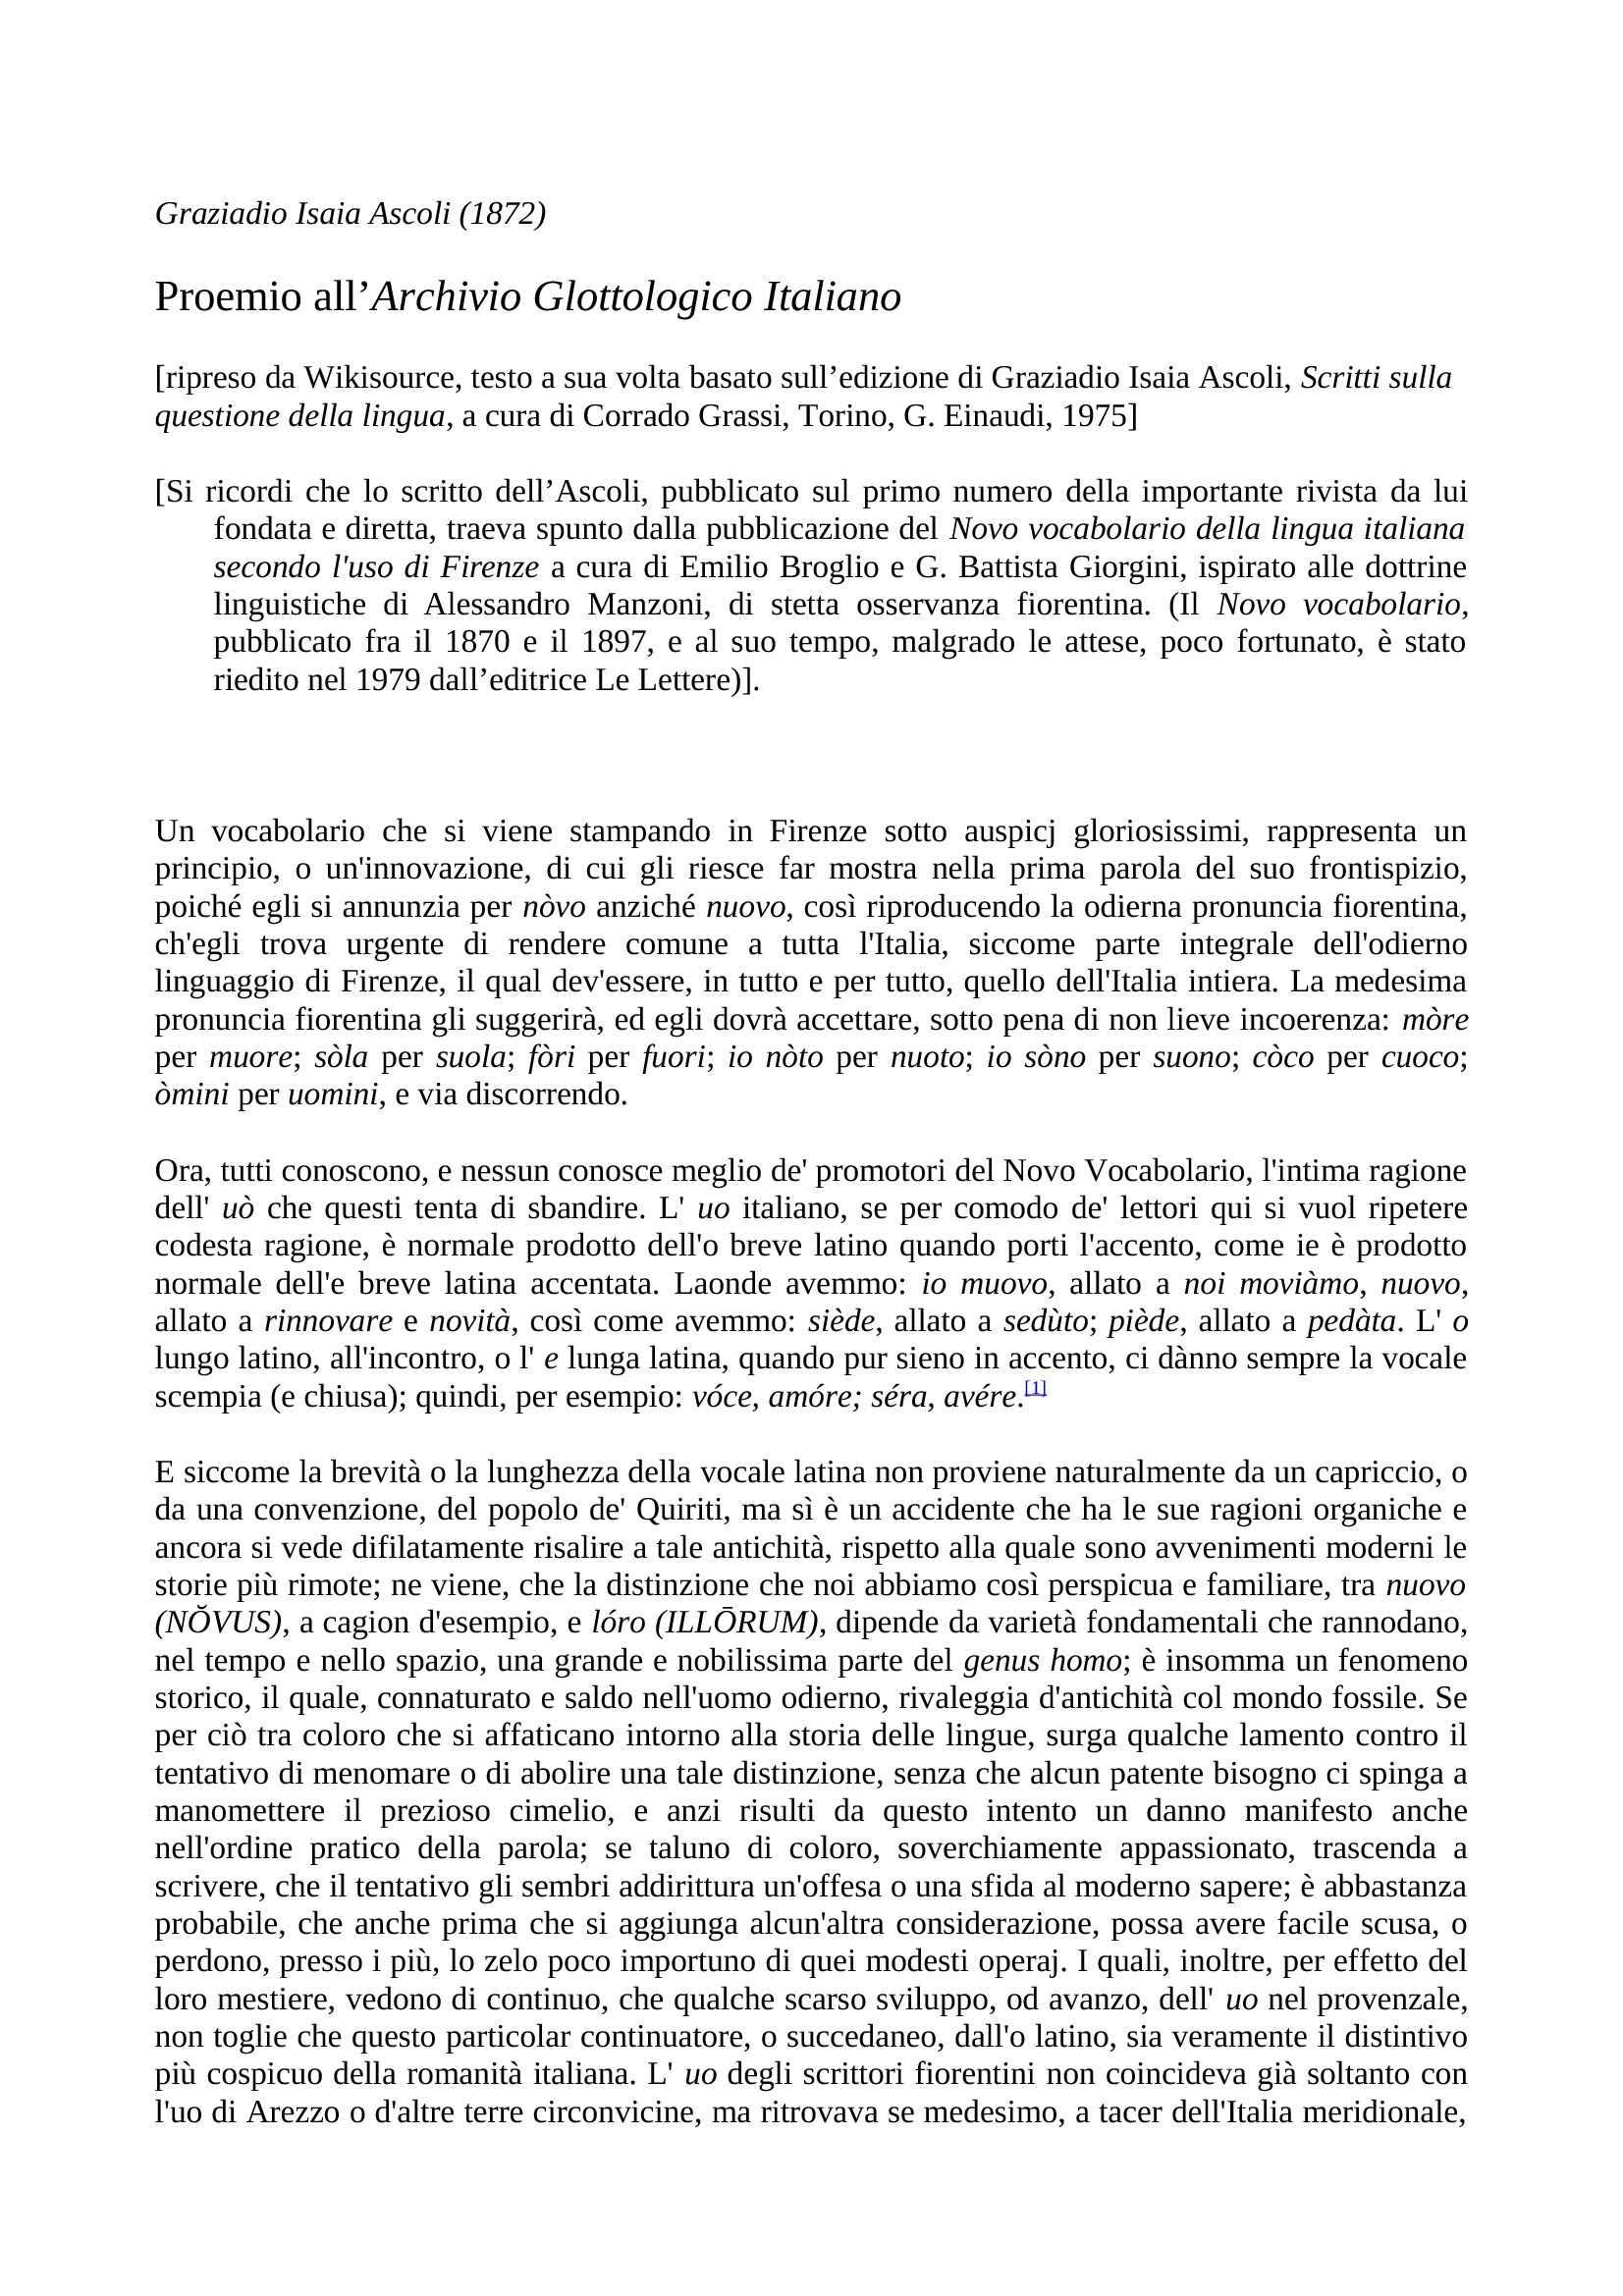 Ascoli, Graziadio Isaia